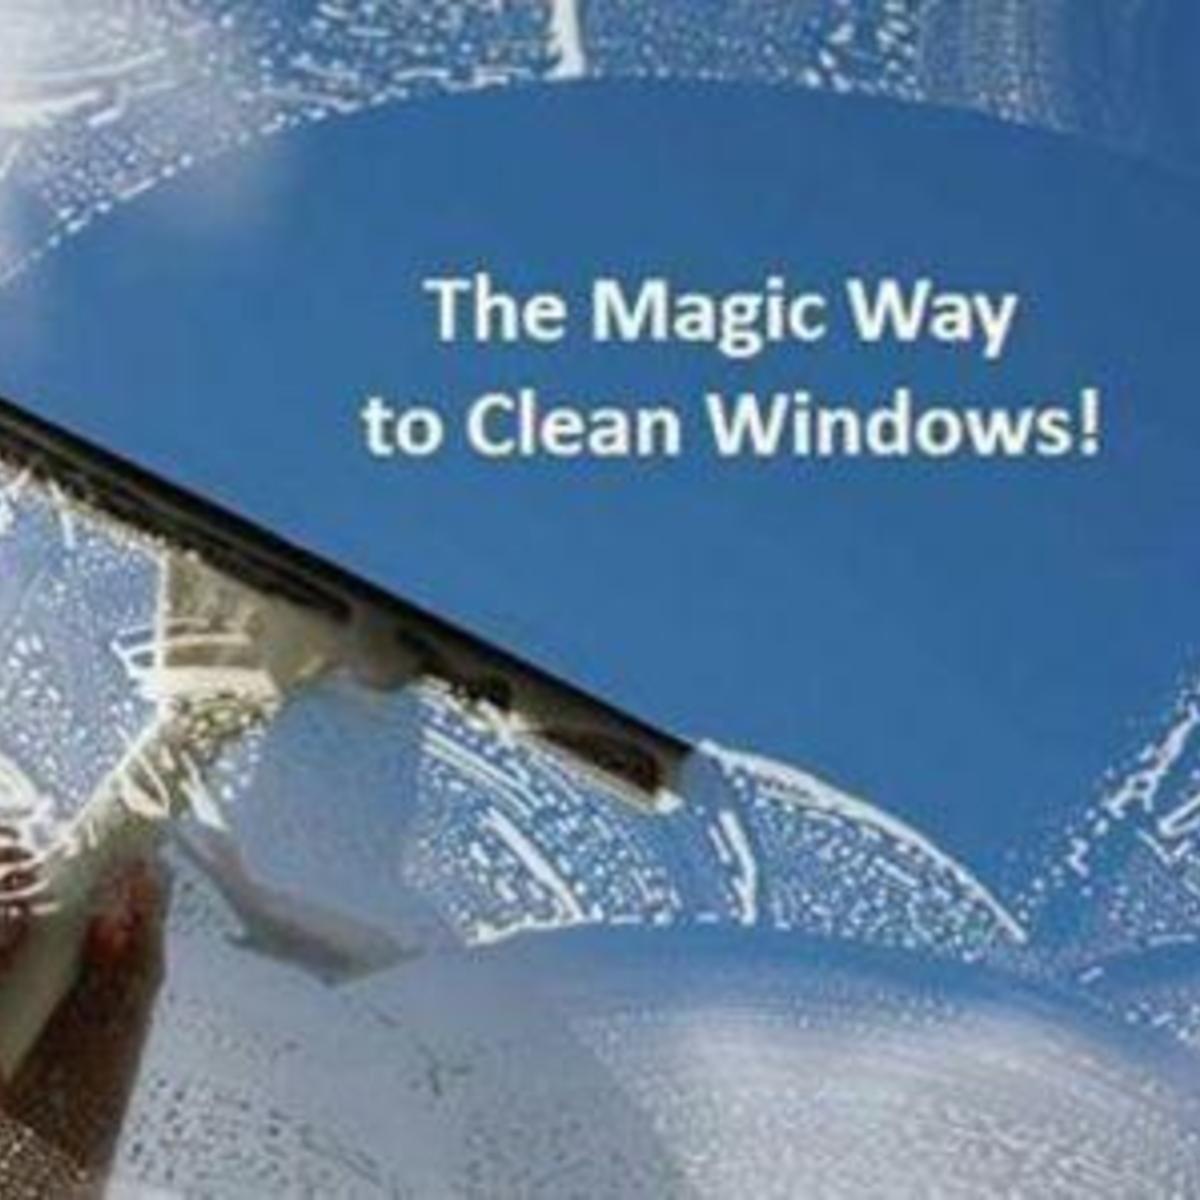 Magical Way To Clean Windows Recipe Sliding Glass Door Doors And Window